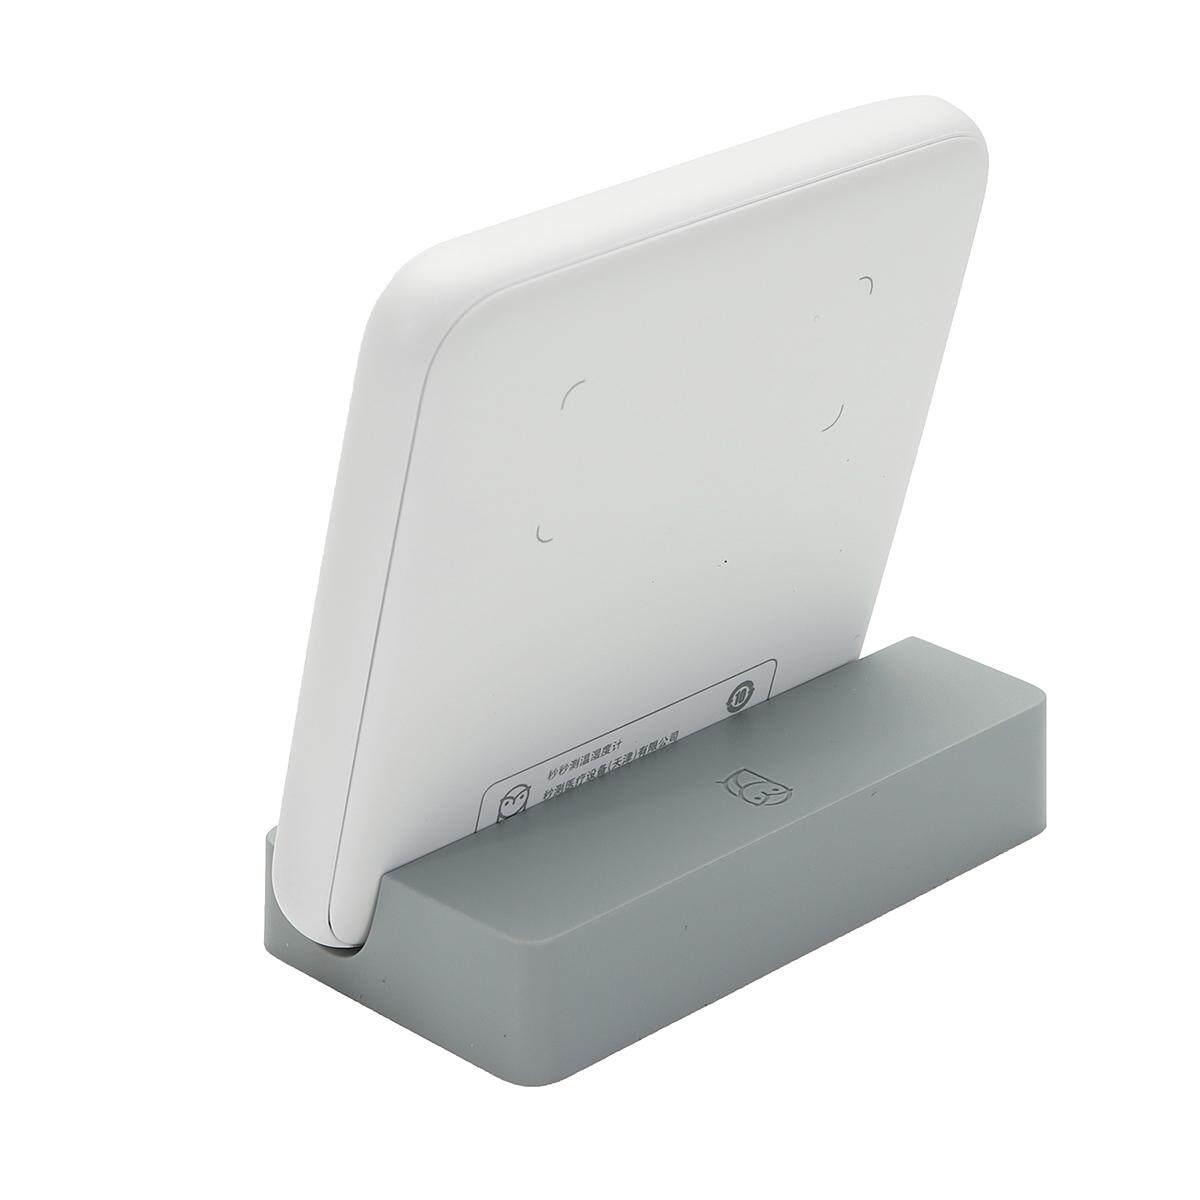 Fitur Digital Hygrometer Thermometer Temperature Humidity Sensor Termometer Putih Meter E Ink Screen Intl 4